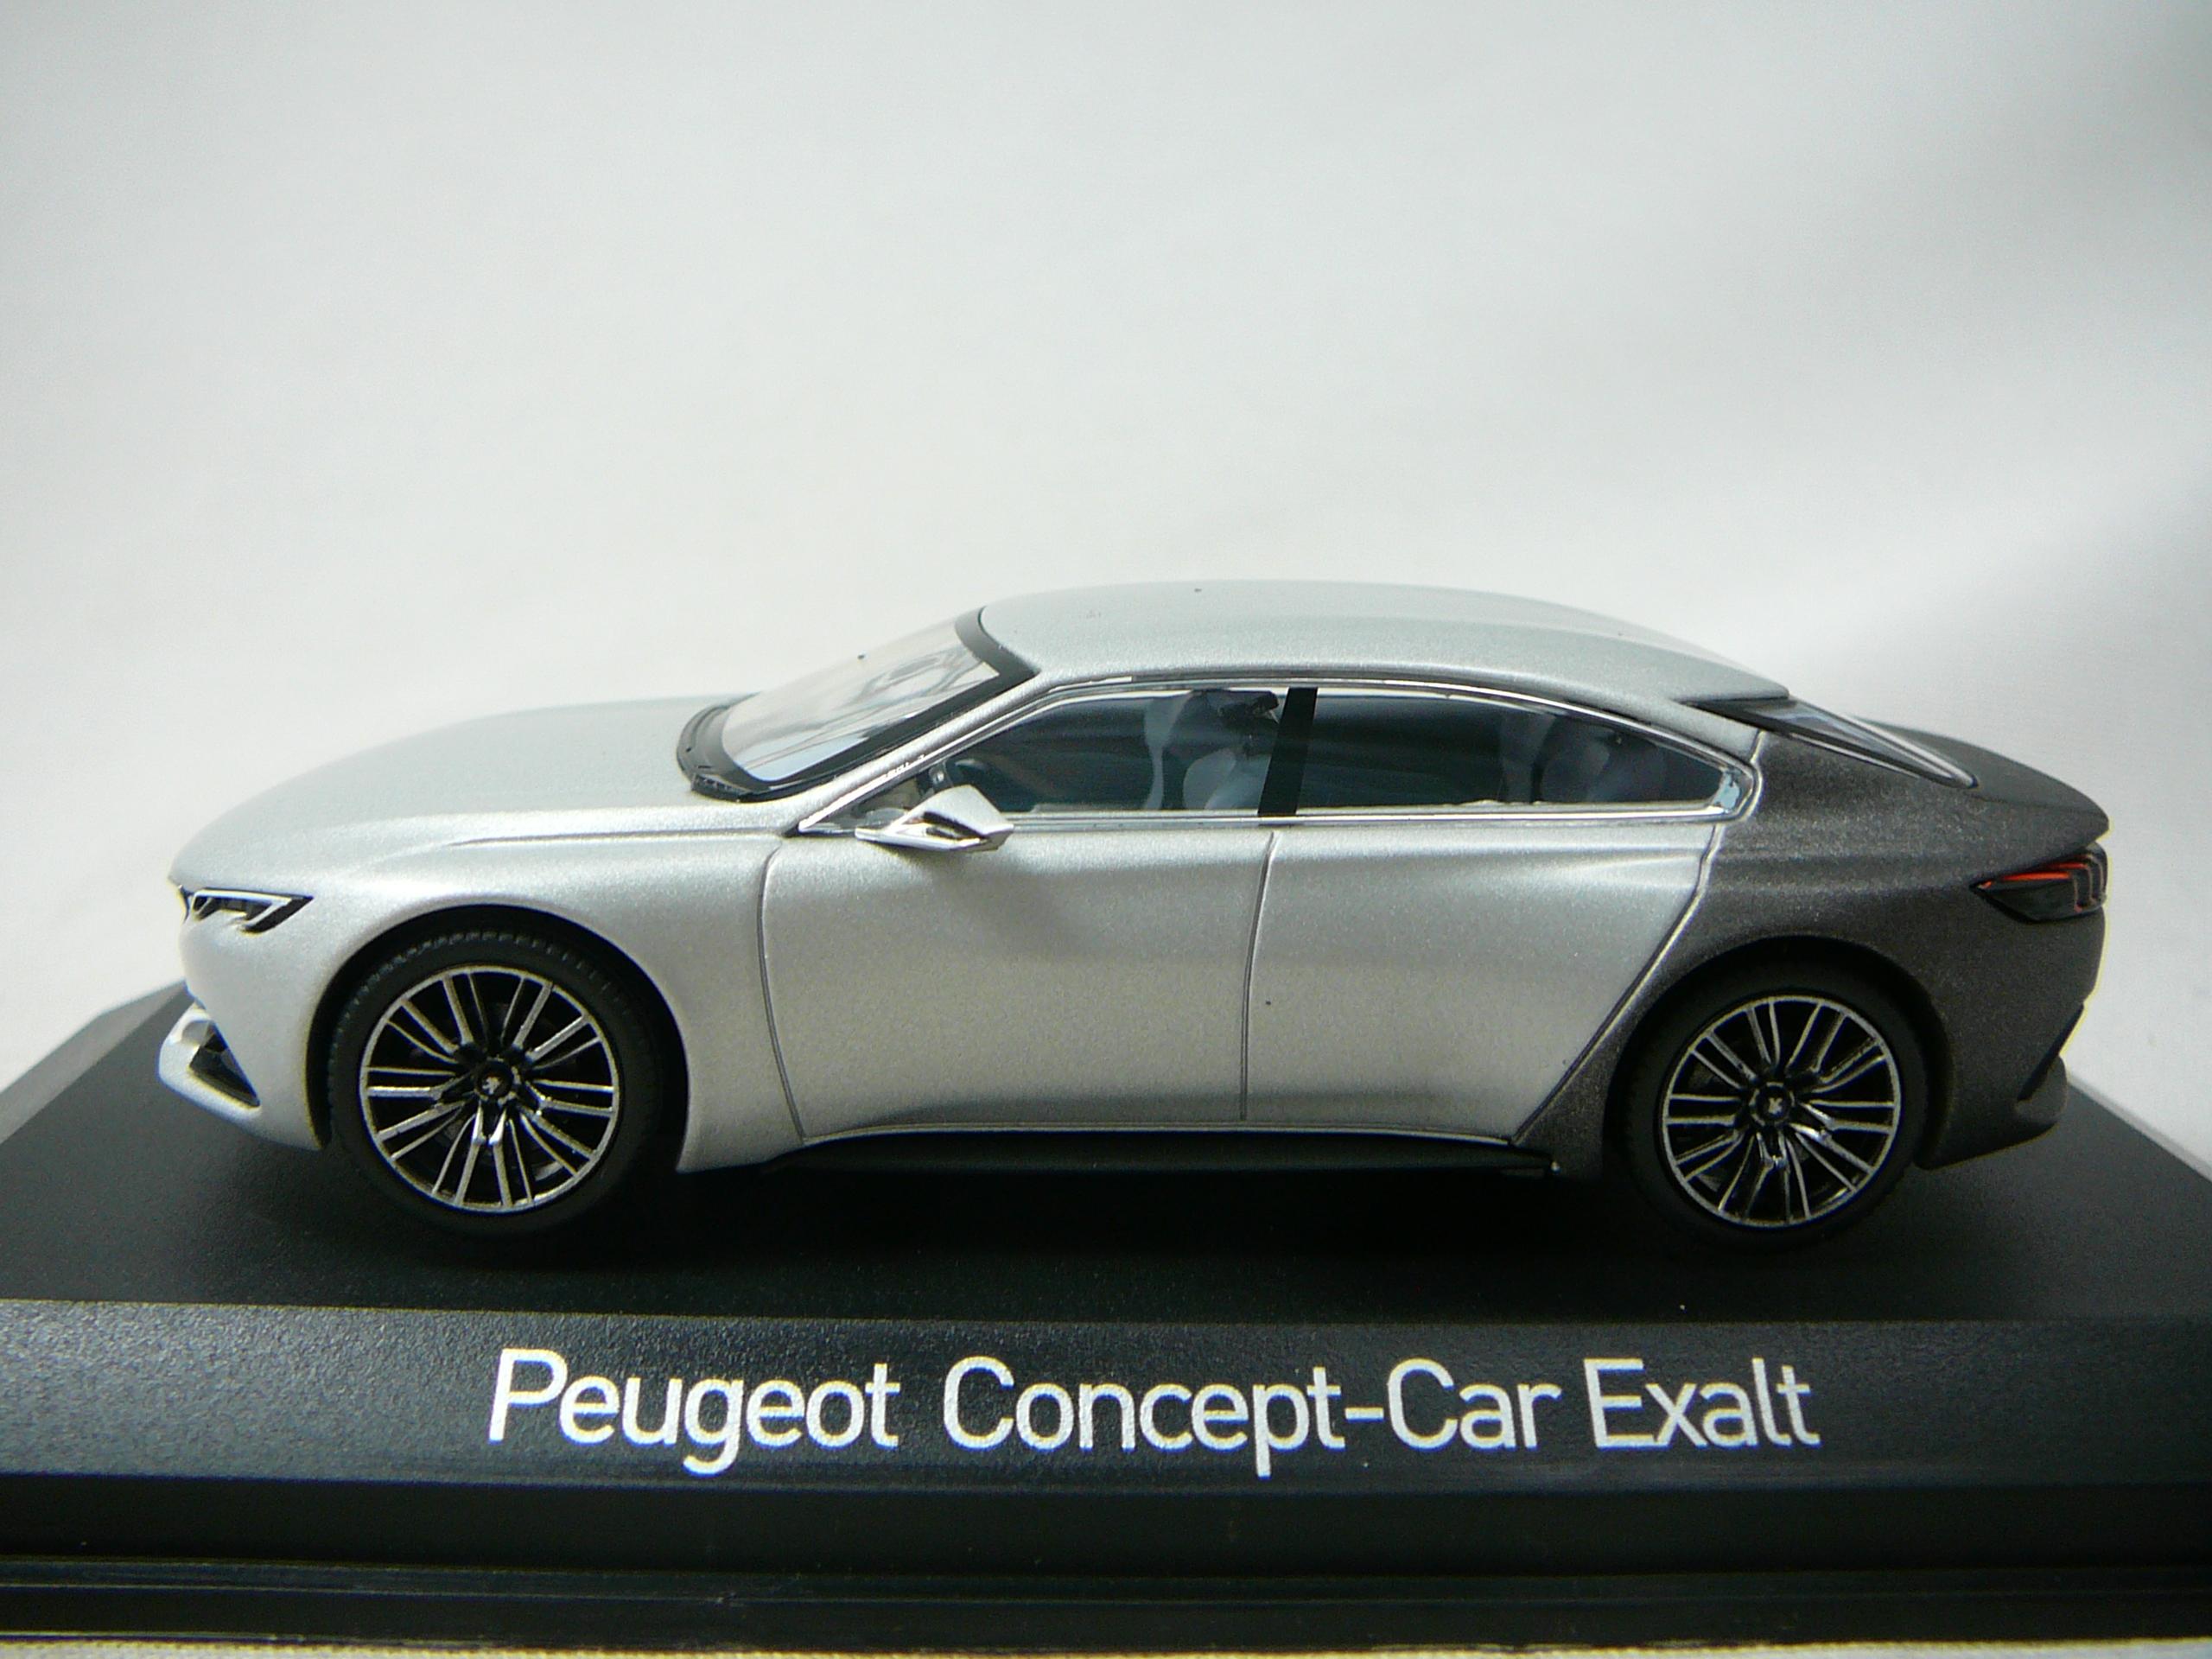 peugeot concept car salon de paris 2014 miniature 1 43